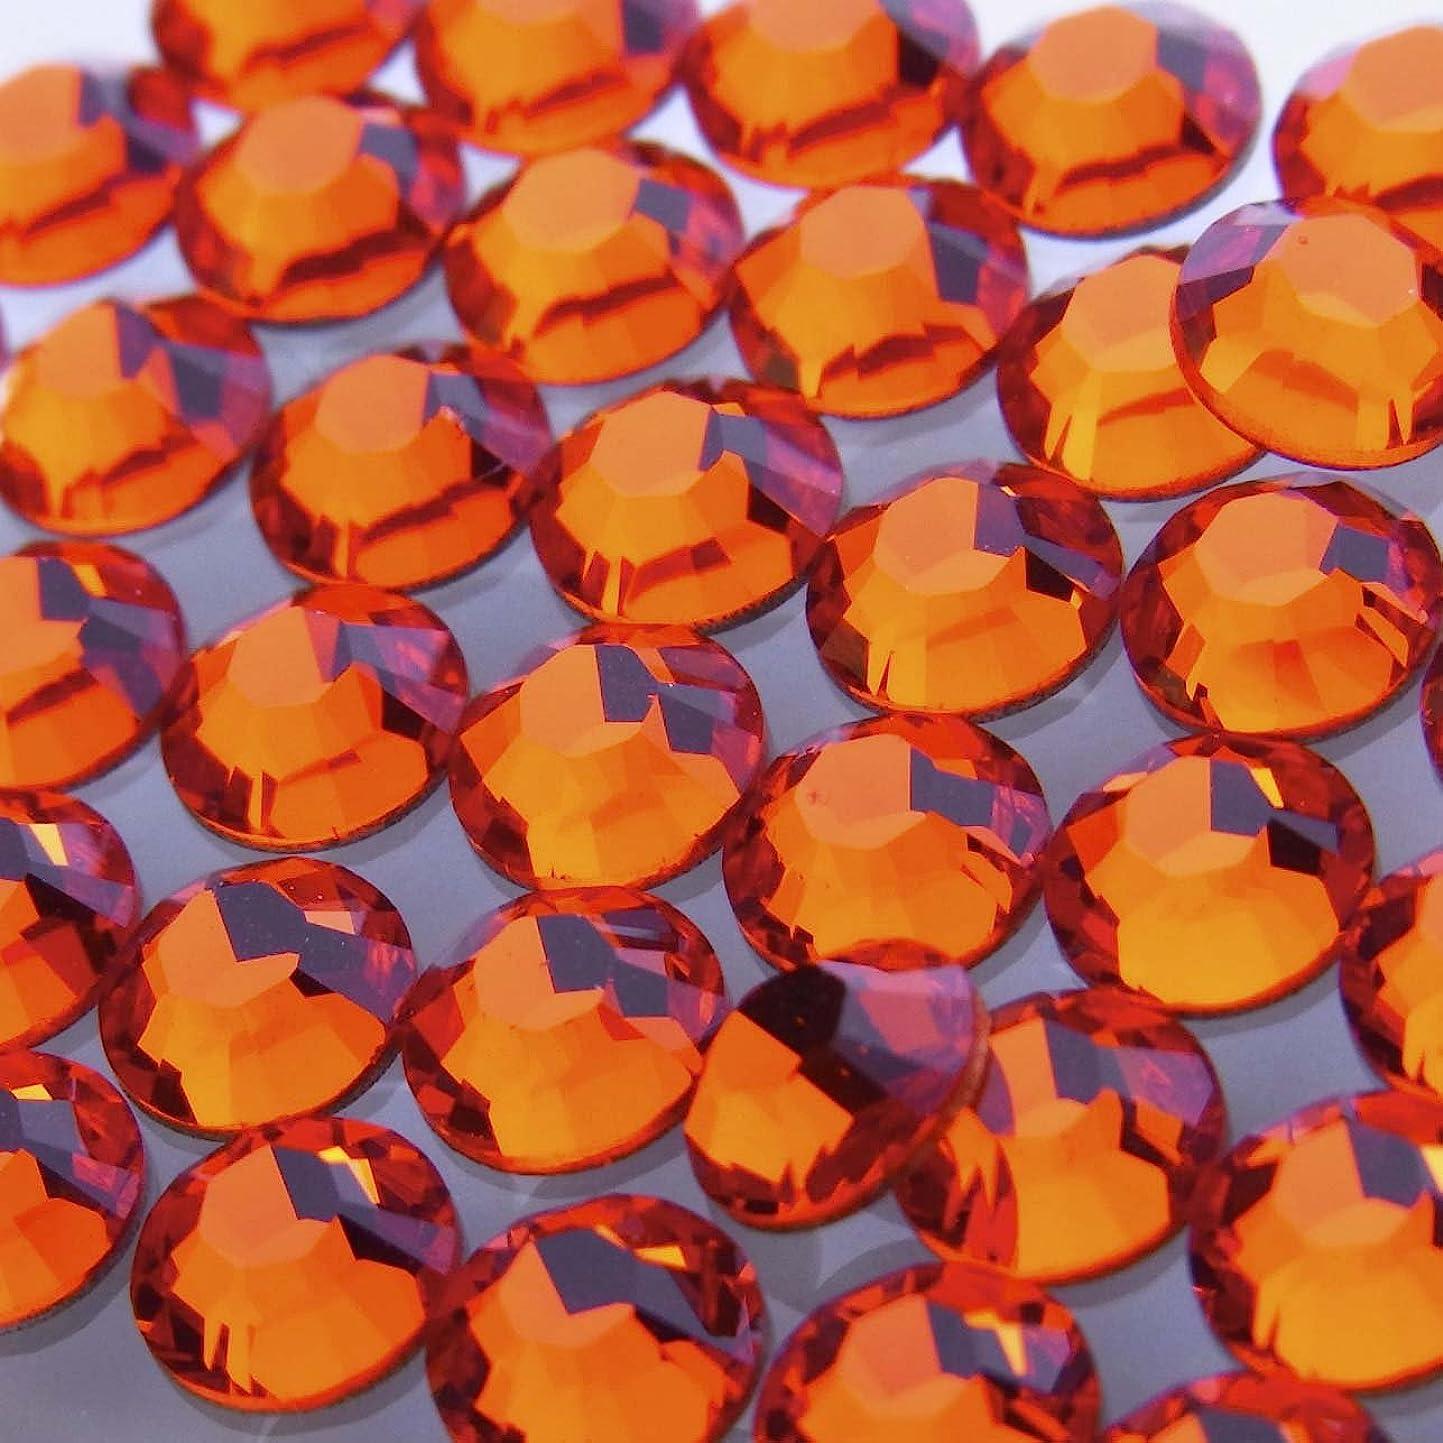 尾圧縮息を切らしてHotfixヒヤシンスss12(50粒入り)スワロフスキーラインストーンホットフィックス